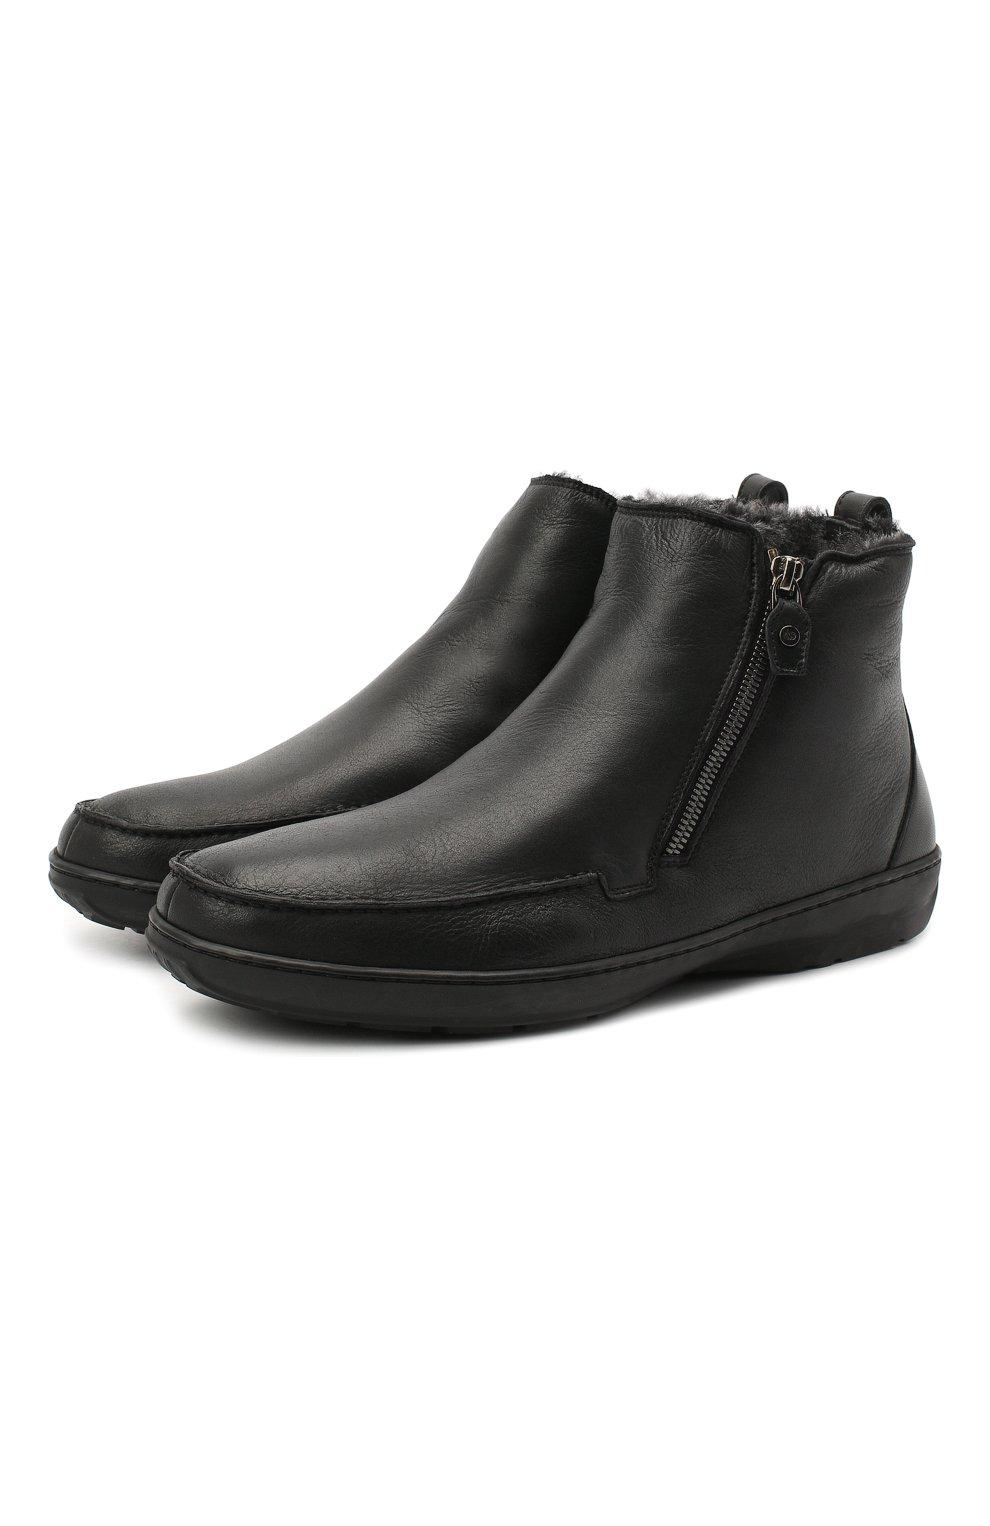 Мужские кожаные сапоги ALDO BRUE черного цвета, арт. AB3014.MDN.S.T | Фото 1